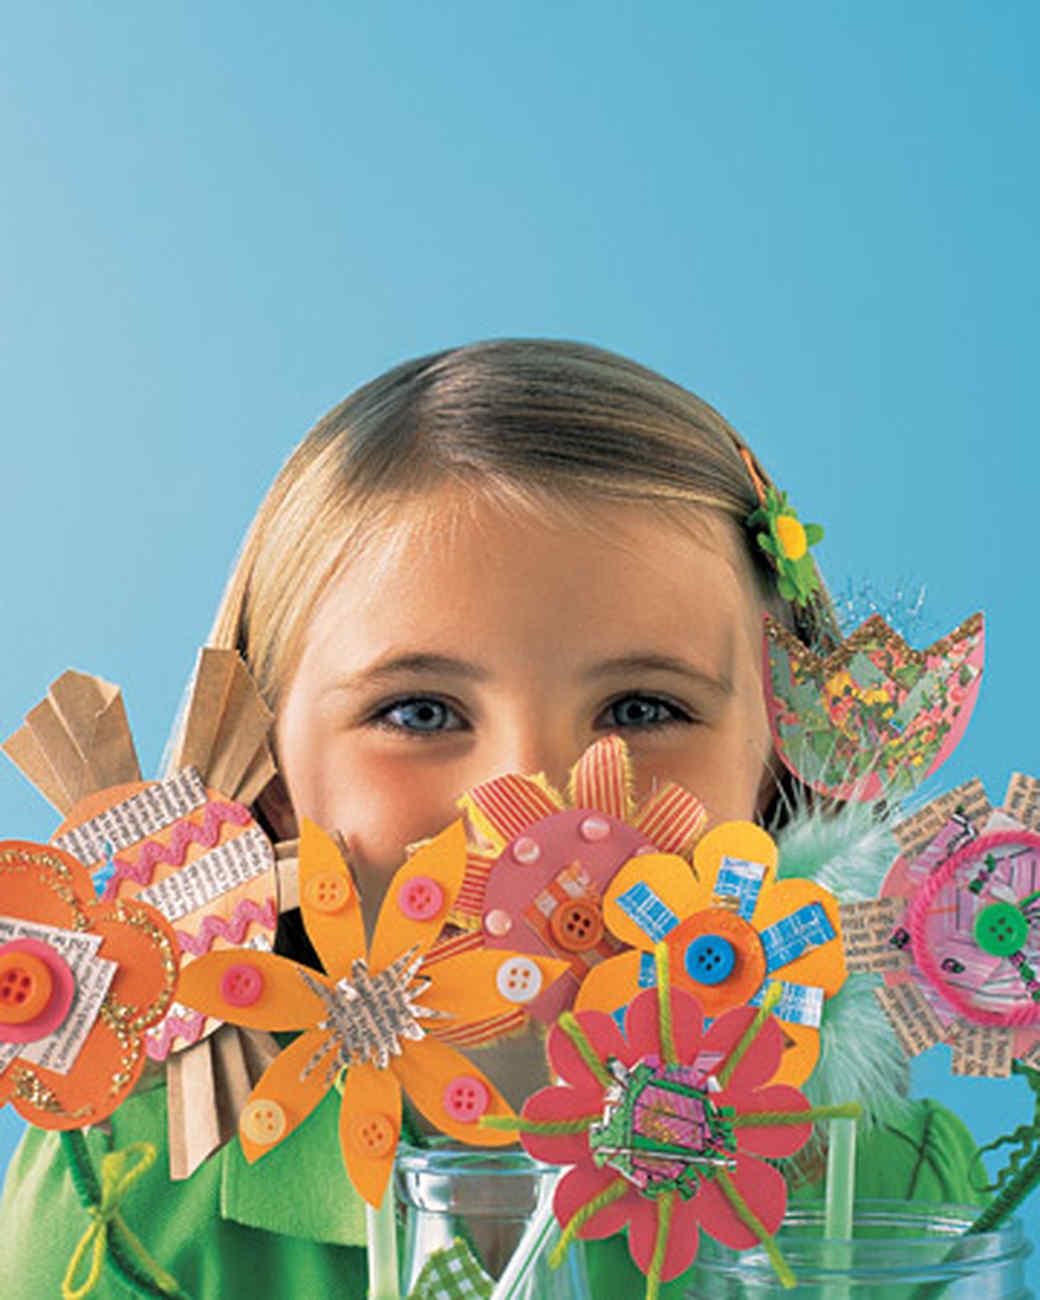 0206_kids_partypaperflowers.jpg